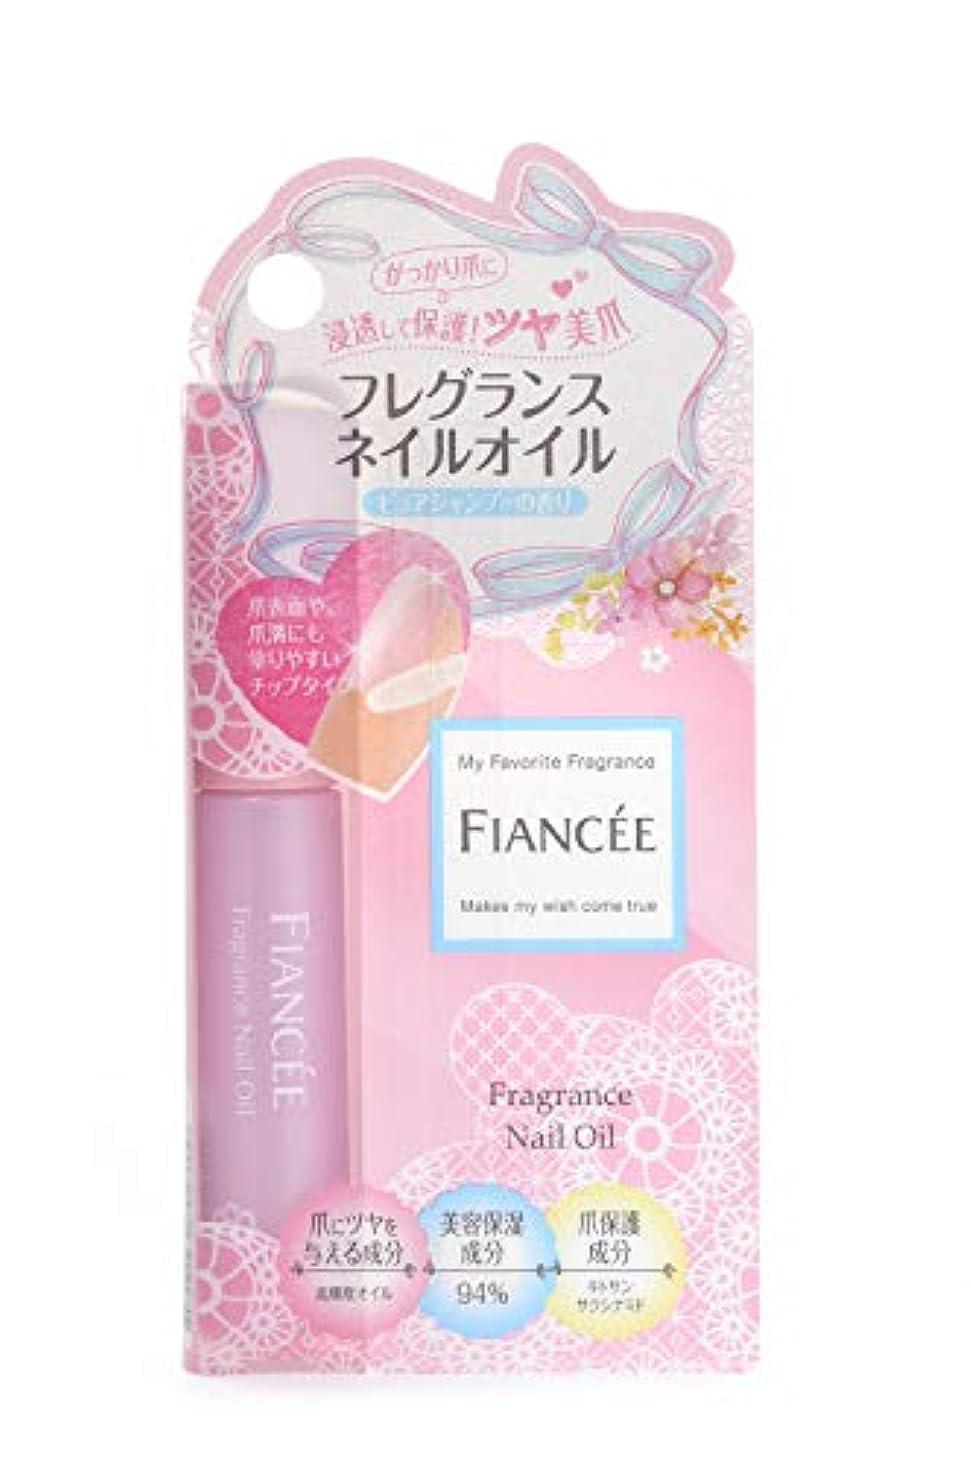 見つけたお祝いきしむフィアンセ フレグランスネイルオイル ピュアシャンプーの香り 7ml